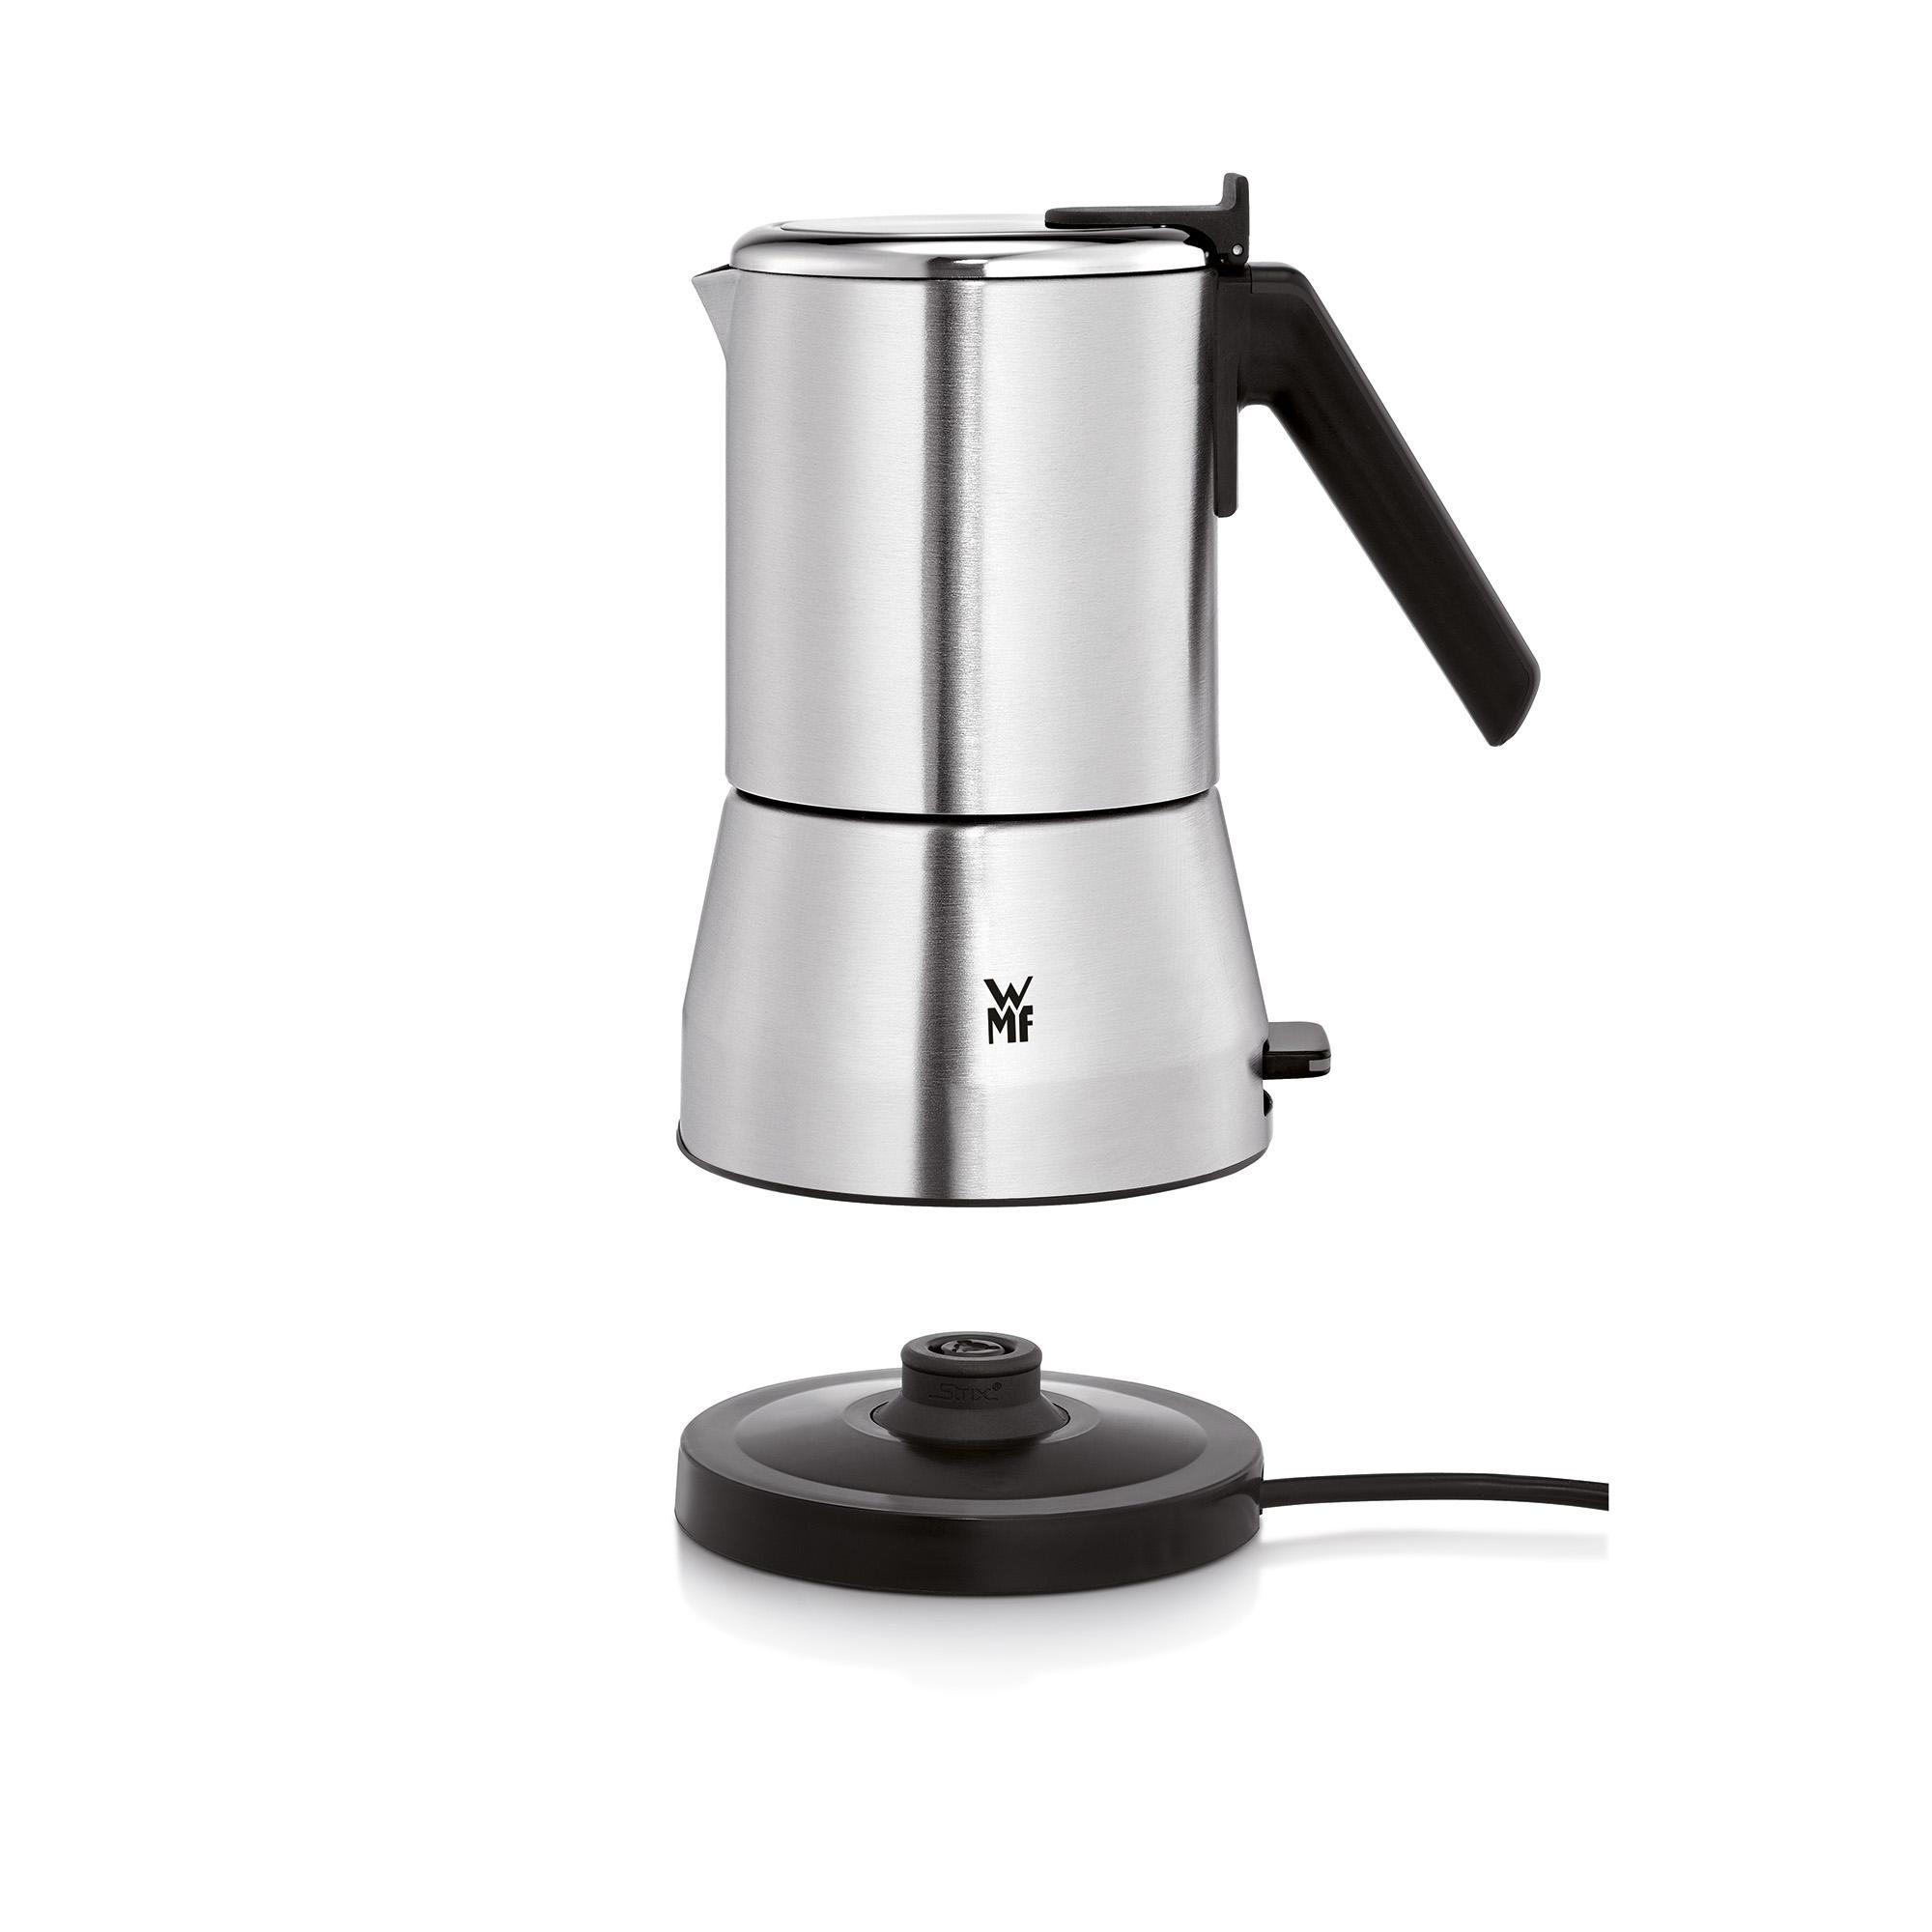 Espressokocher  Amazon.de: WMF KÜCHENminis Espressokocher, für 2 oder 4 Tassen ...